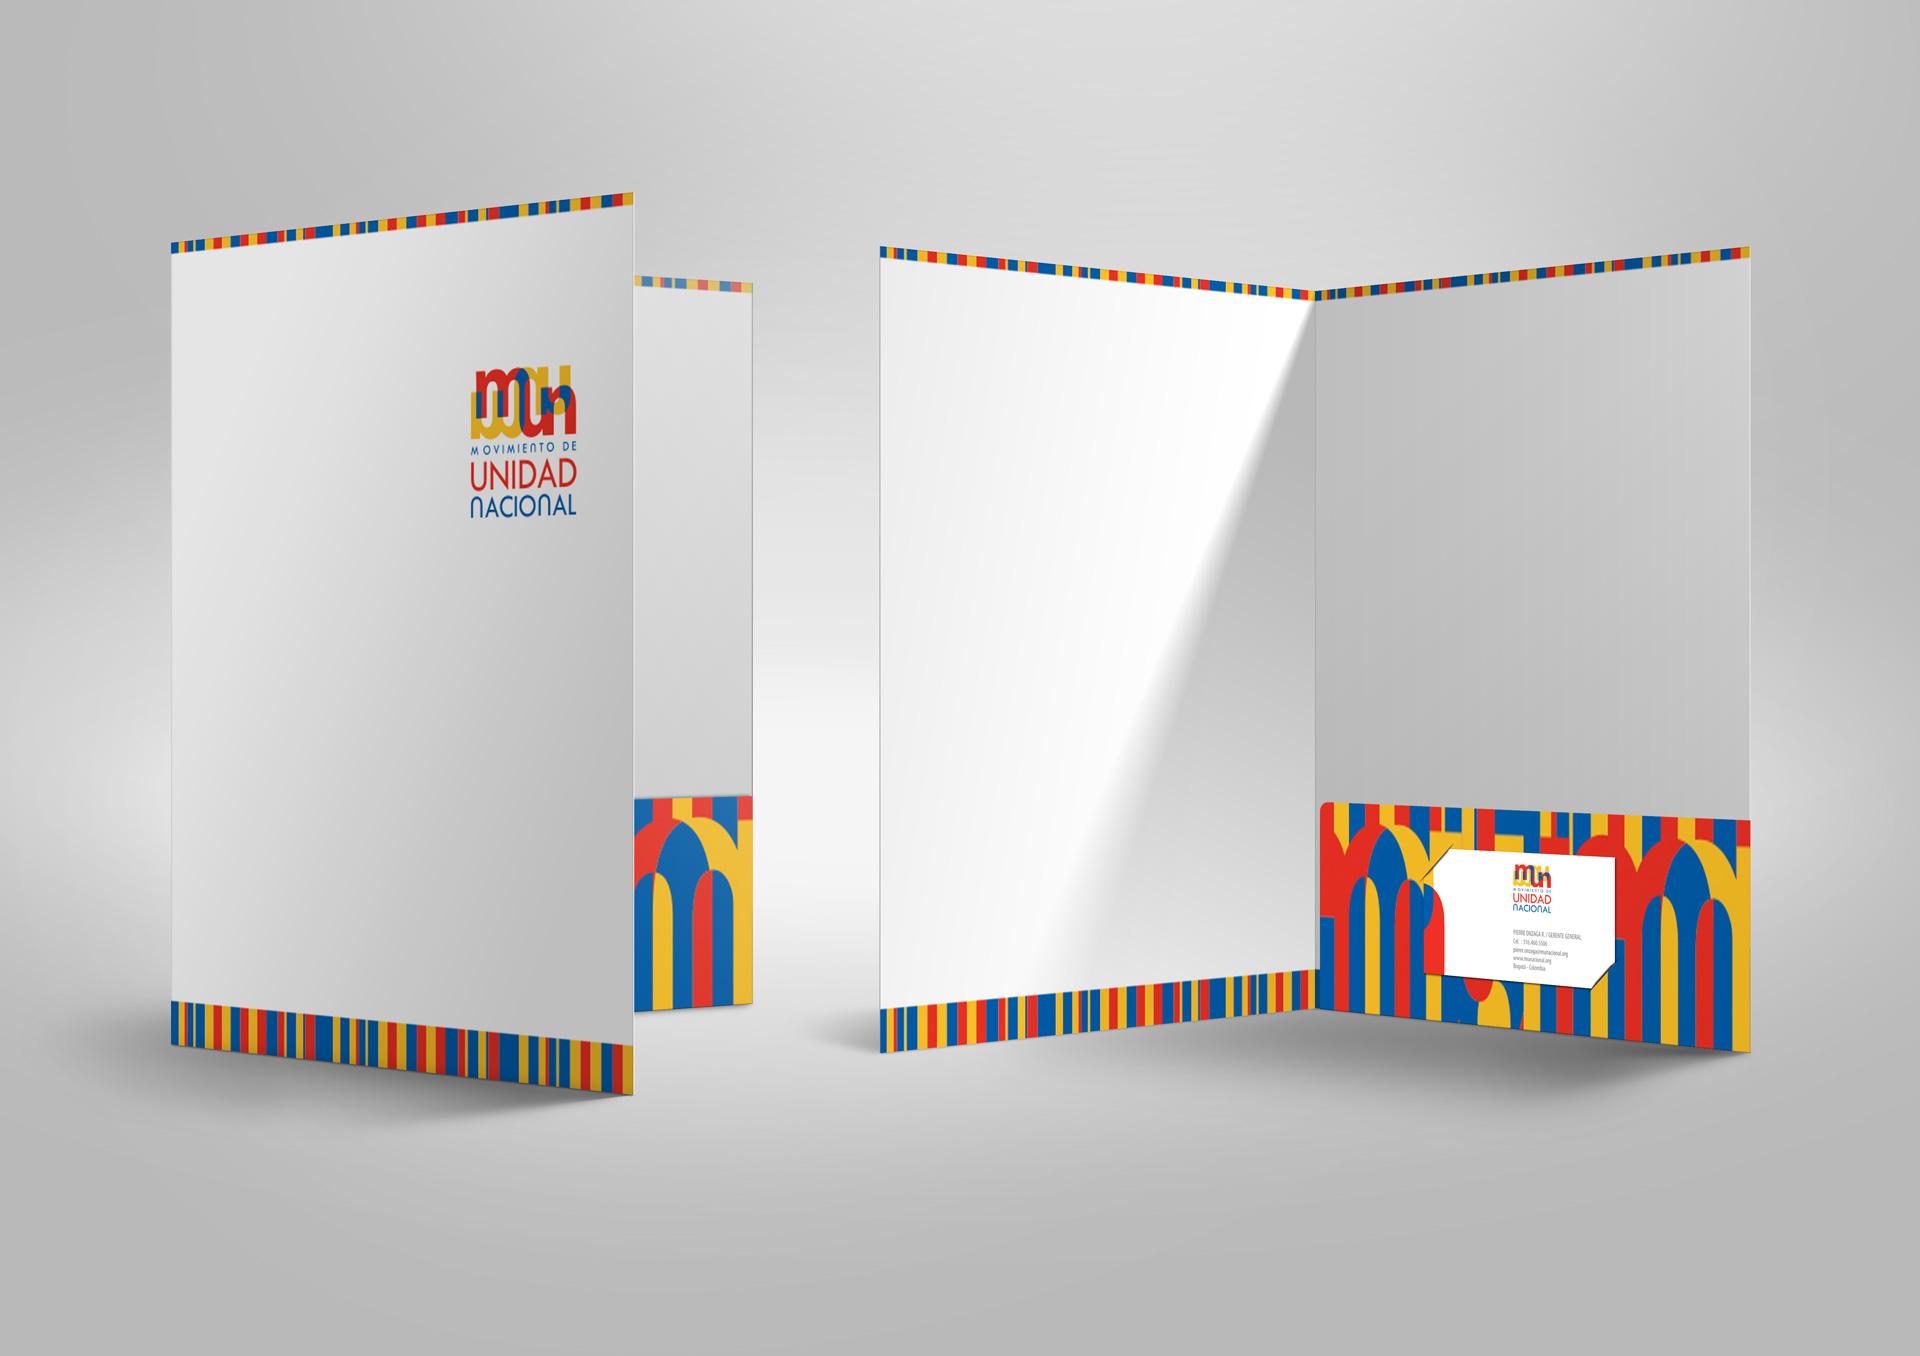 Diseño de Carpeta Movimiento de Unidad Nacional - MUN